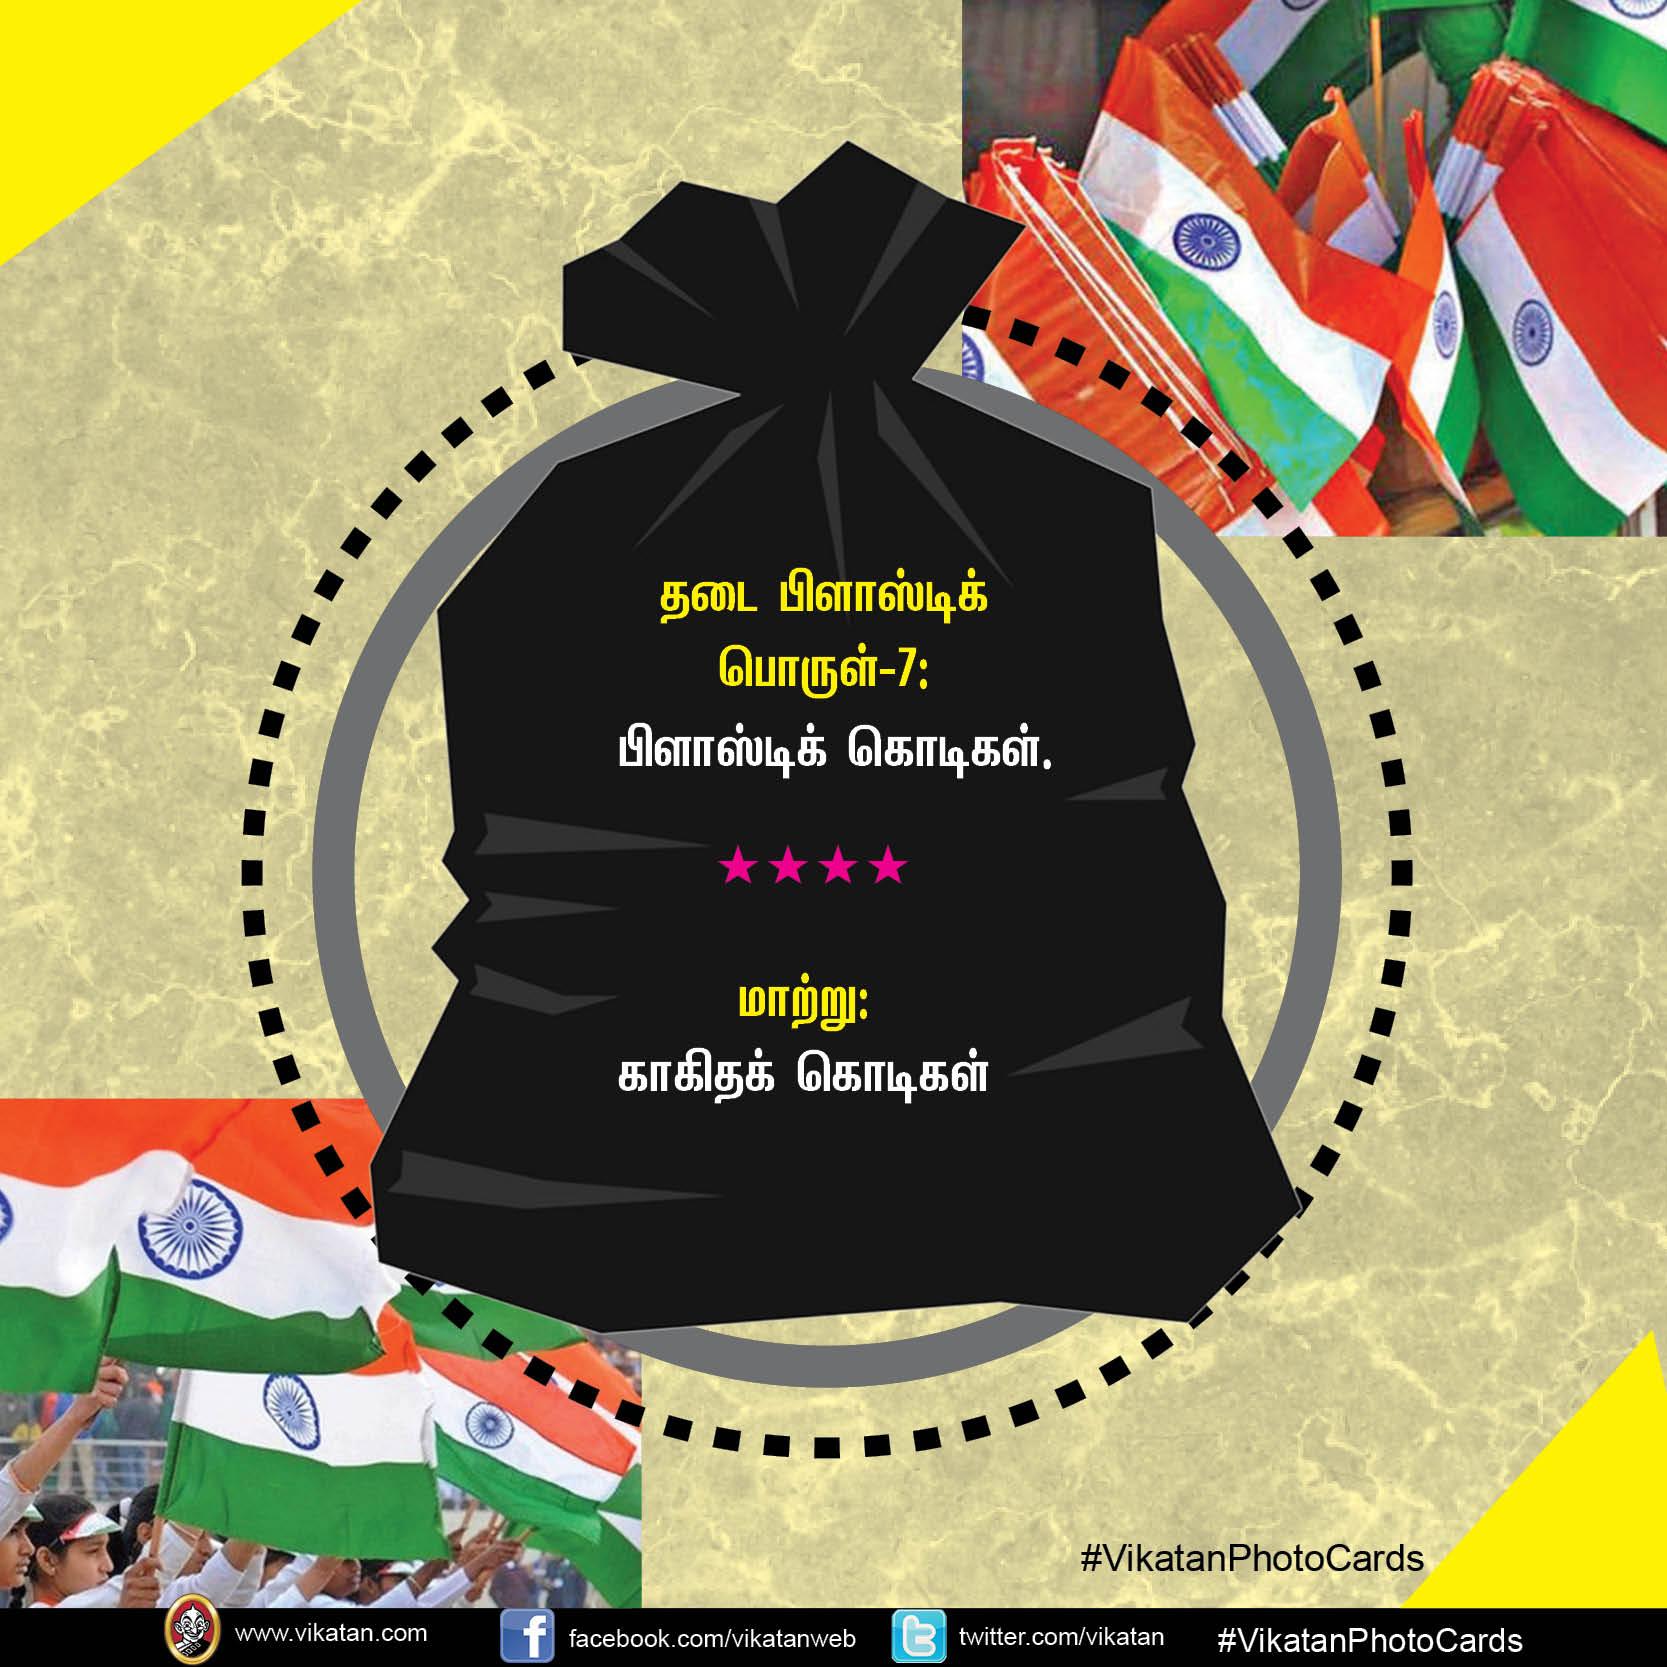 தடைசெய்யப்படும் பிளாஸ்டிக் பொருட்களும் அவற்றுக்கான மாற்றுகளும்! #VikatanPhotoCards